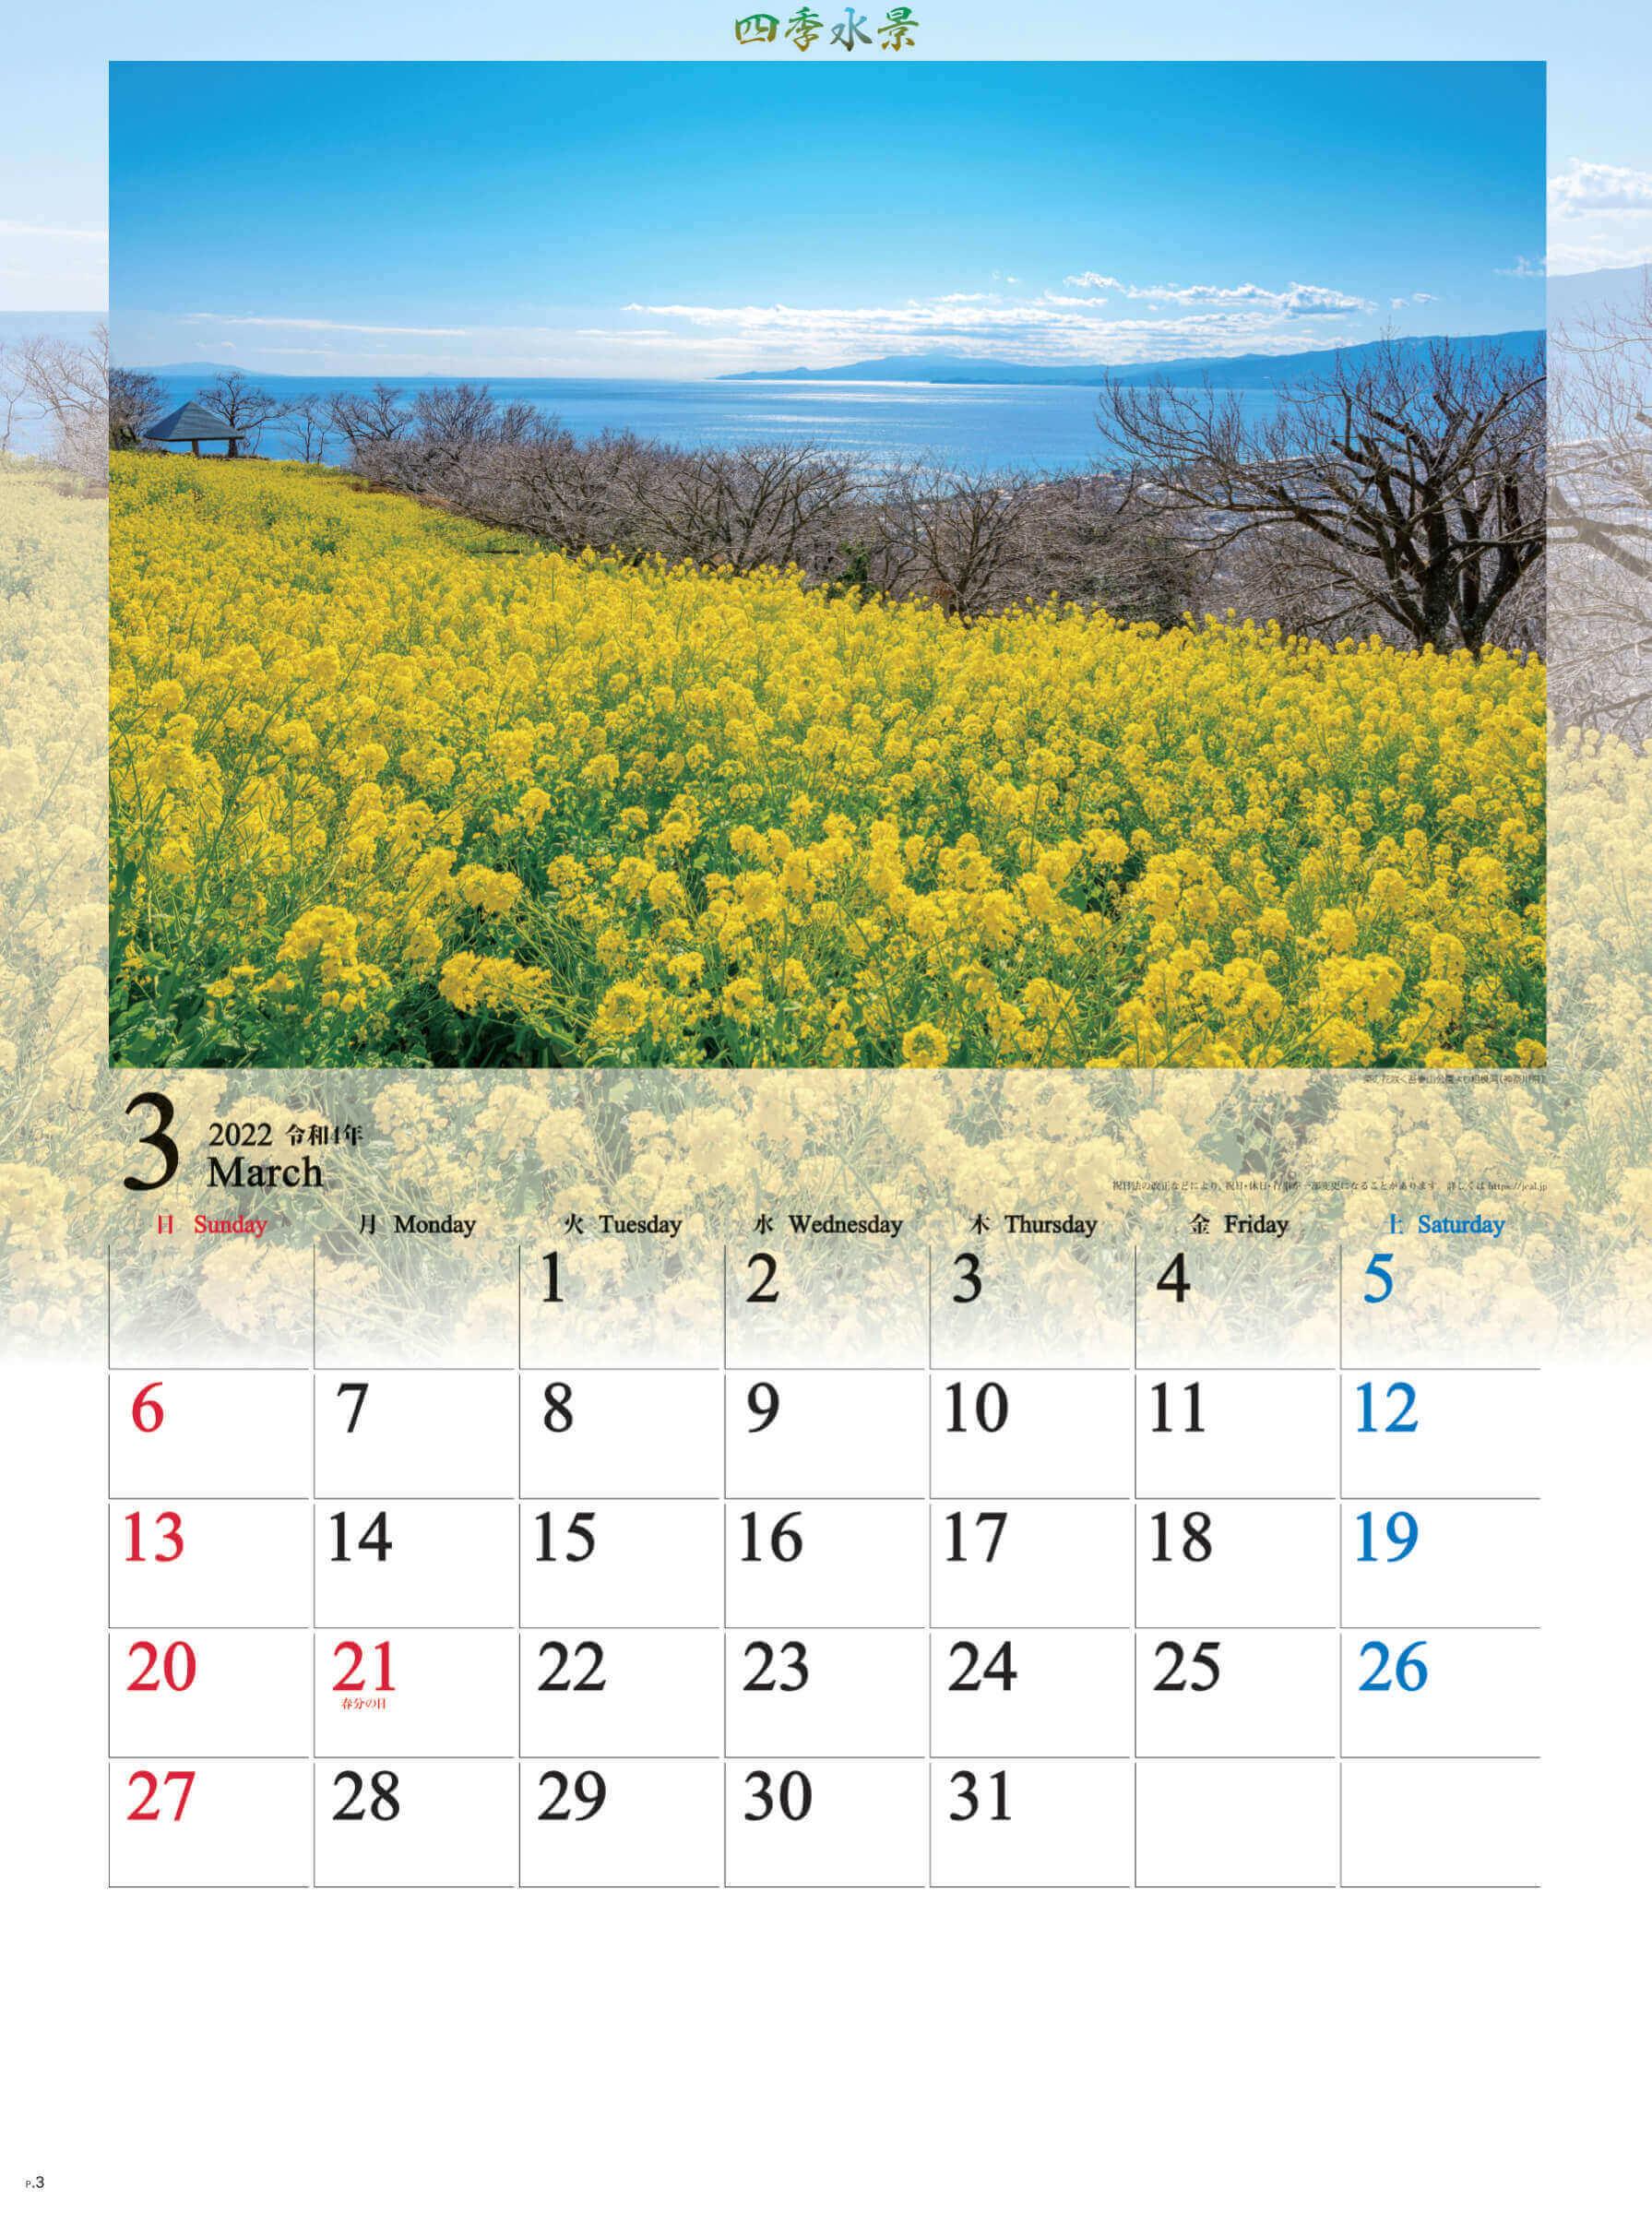 3月 吾妻山公園より駿河湾(神奈川) 四季水景 2022年カレンダーの画像